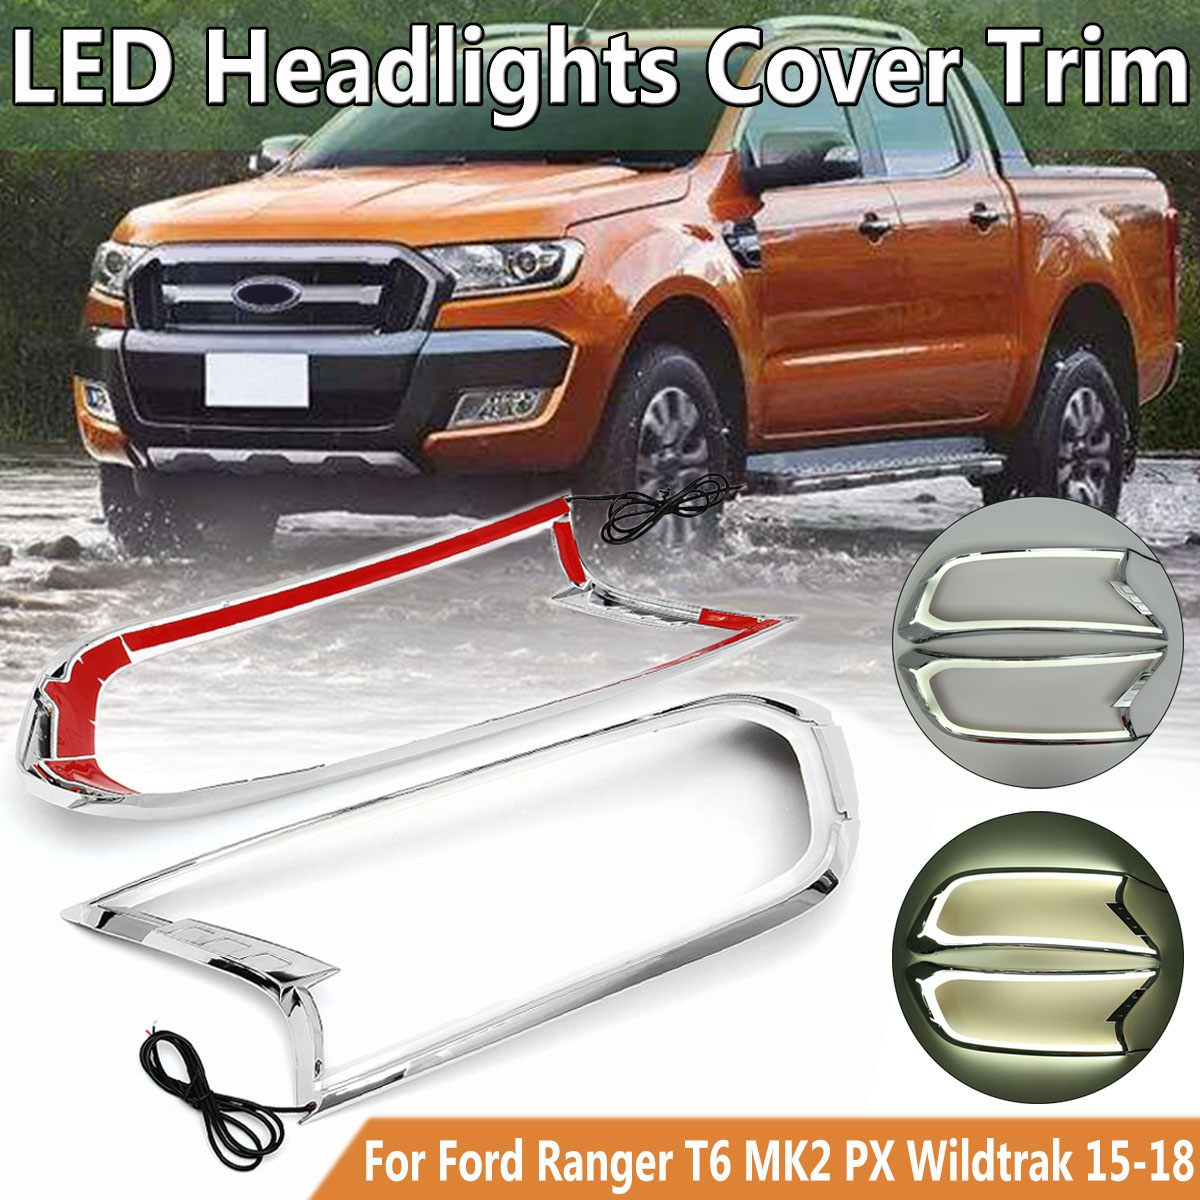 Led Phare Avant Couvercle De La Lampe Garniture Pour Ford Ranger T6 MK2 PX Wildtrak 2015-2018 ABS Lampe Cagoules Tête boîtier de lumière Auto Pièces